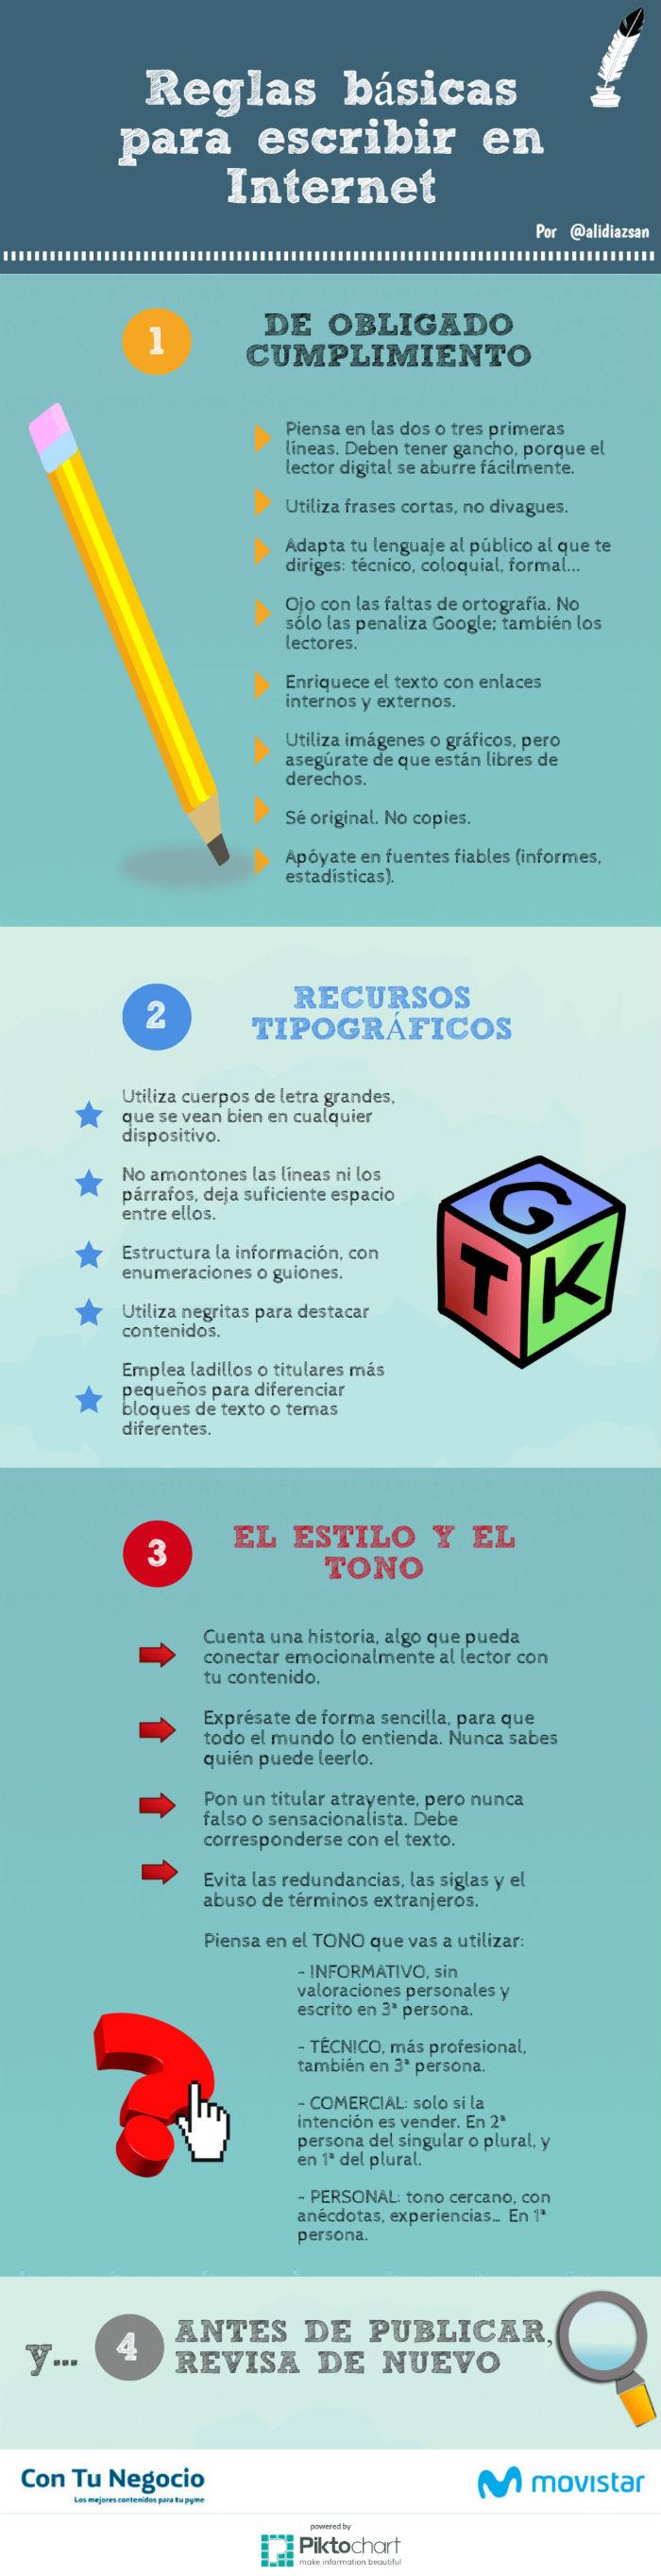 Las reglas básicas para escribir en Internet